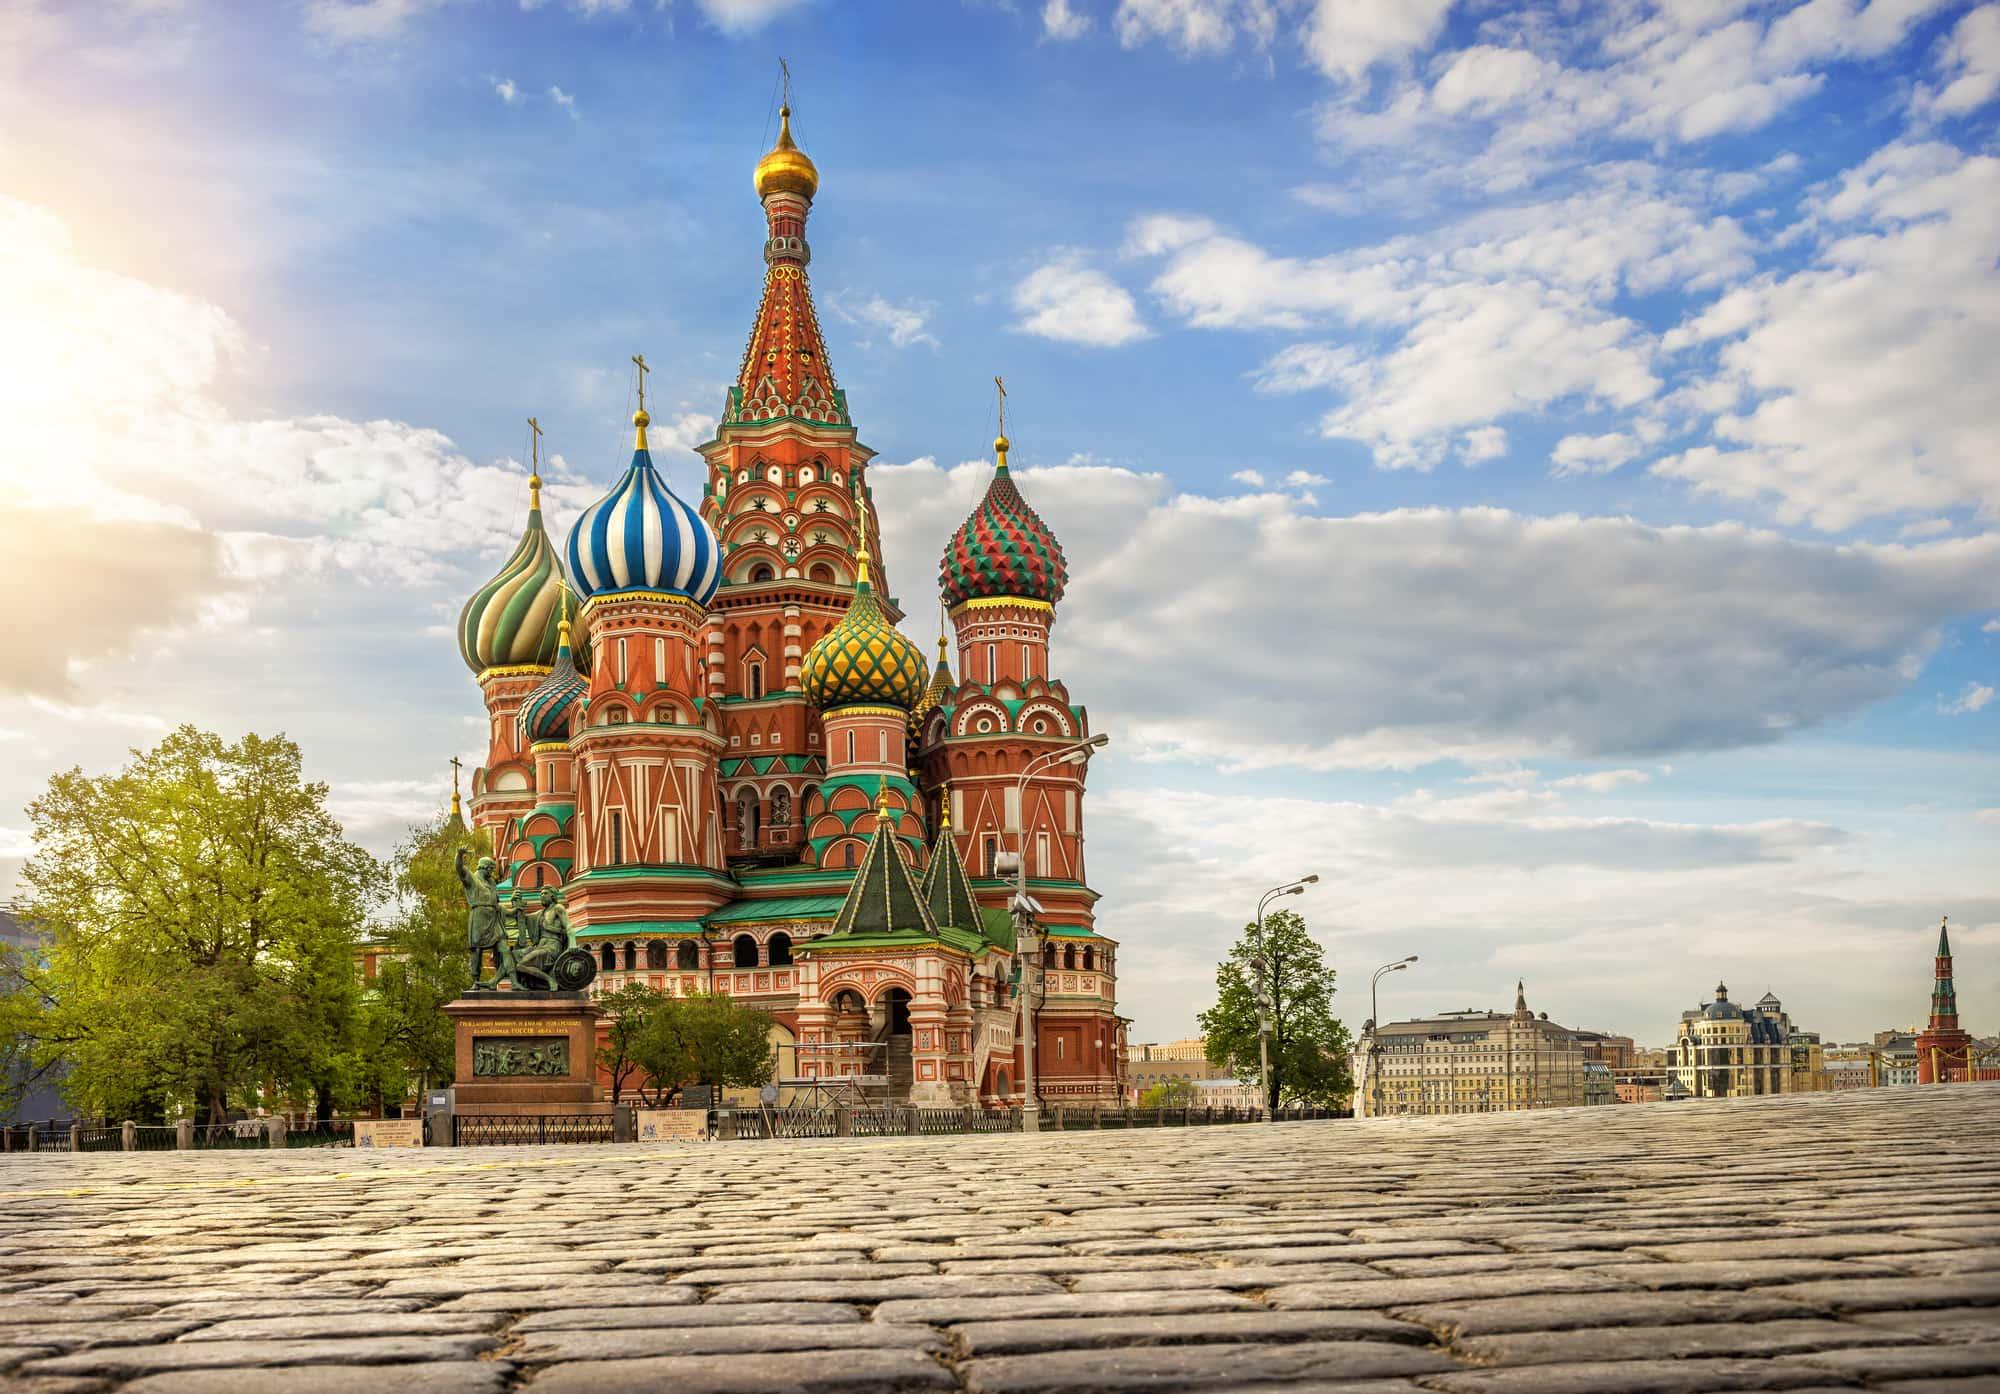 Храм Василия Блаженного в Москве: история, архитектура, описание, где находится